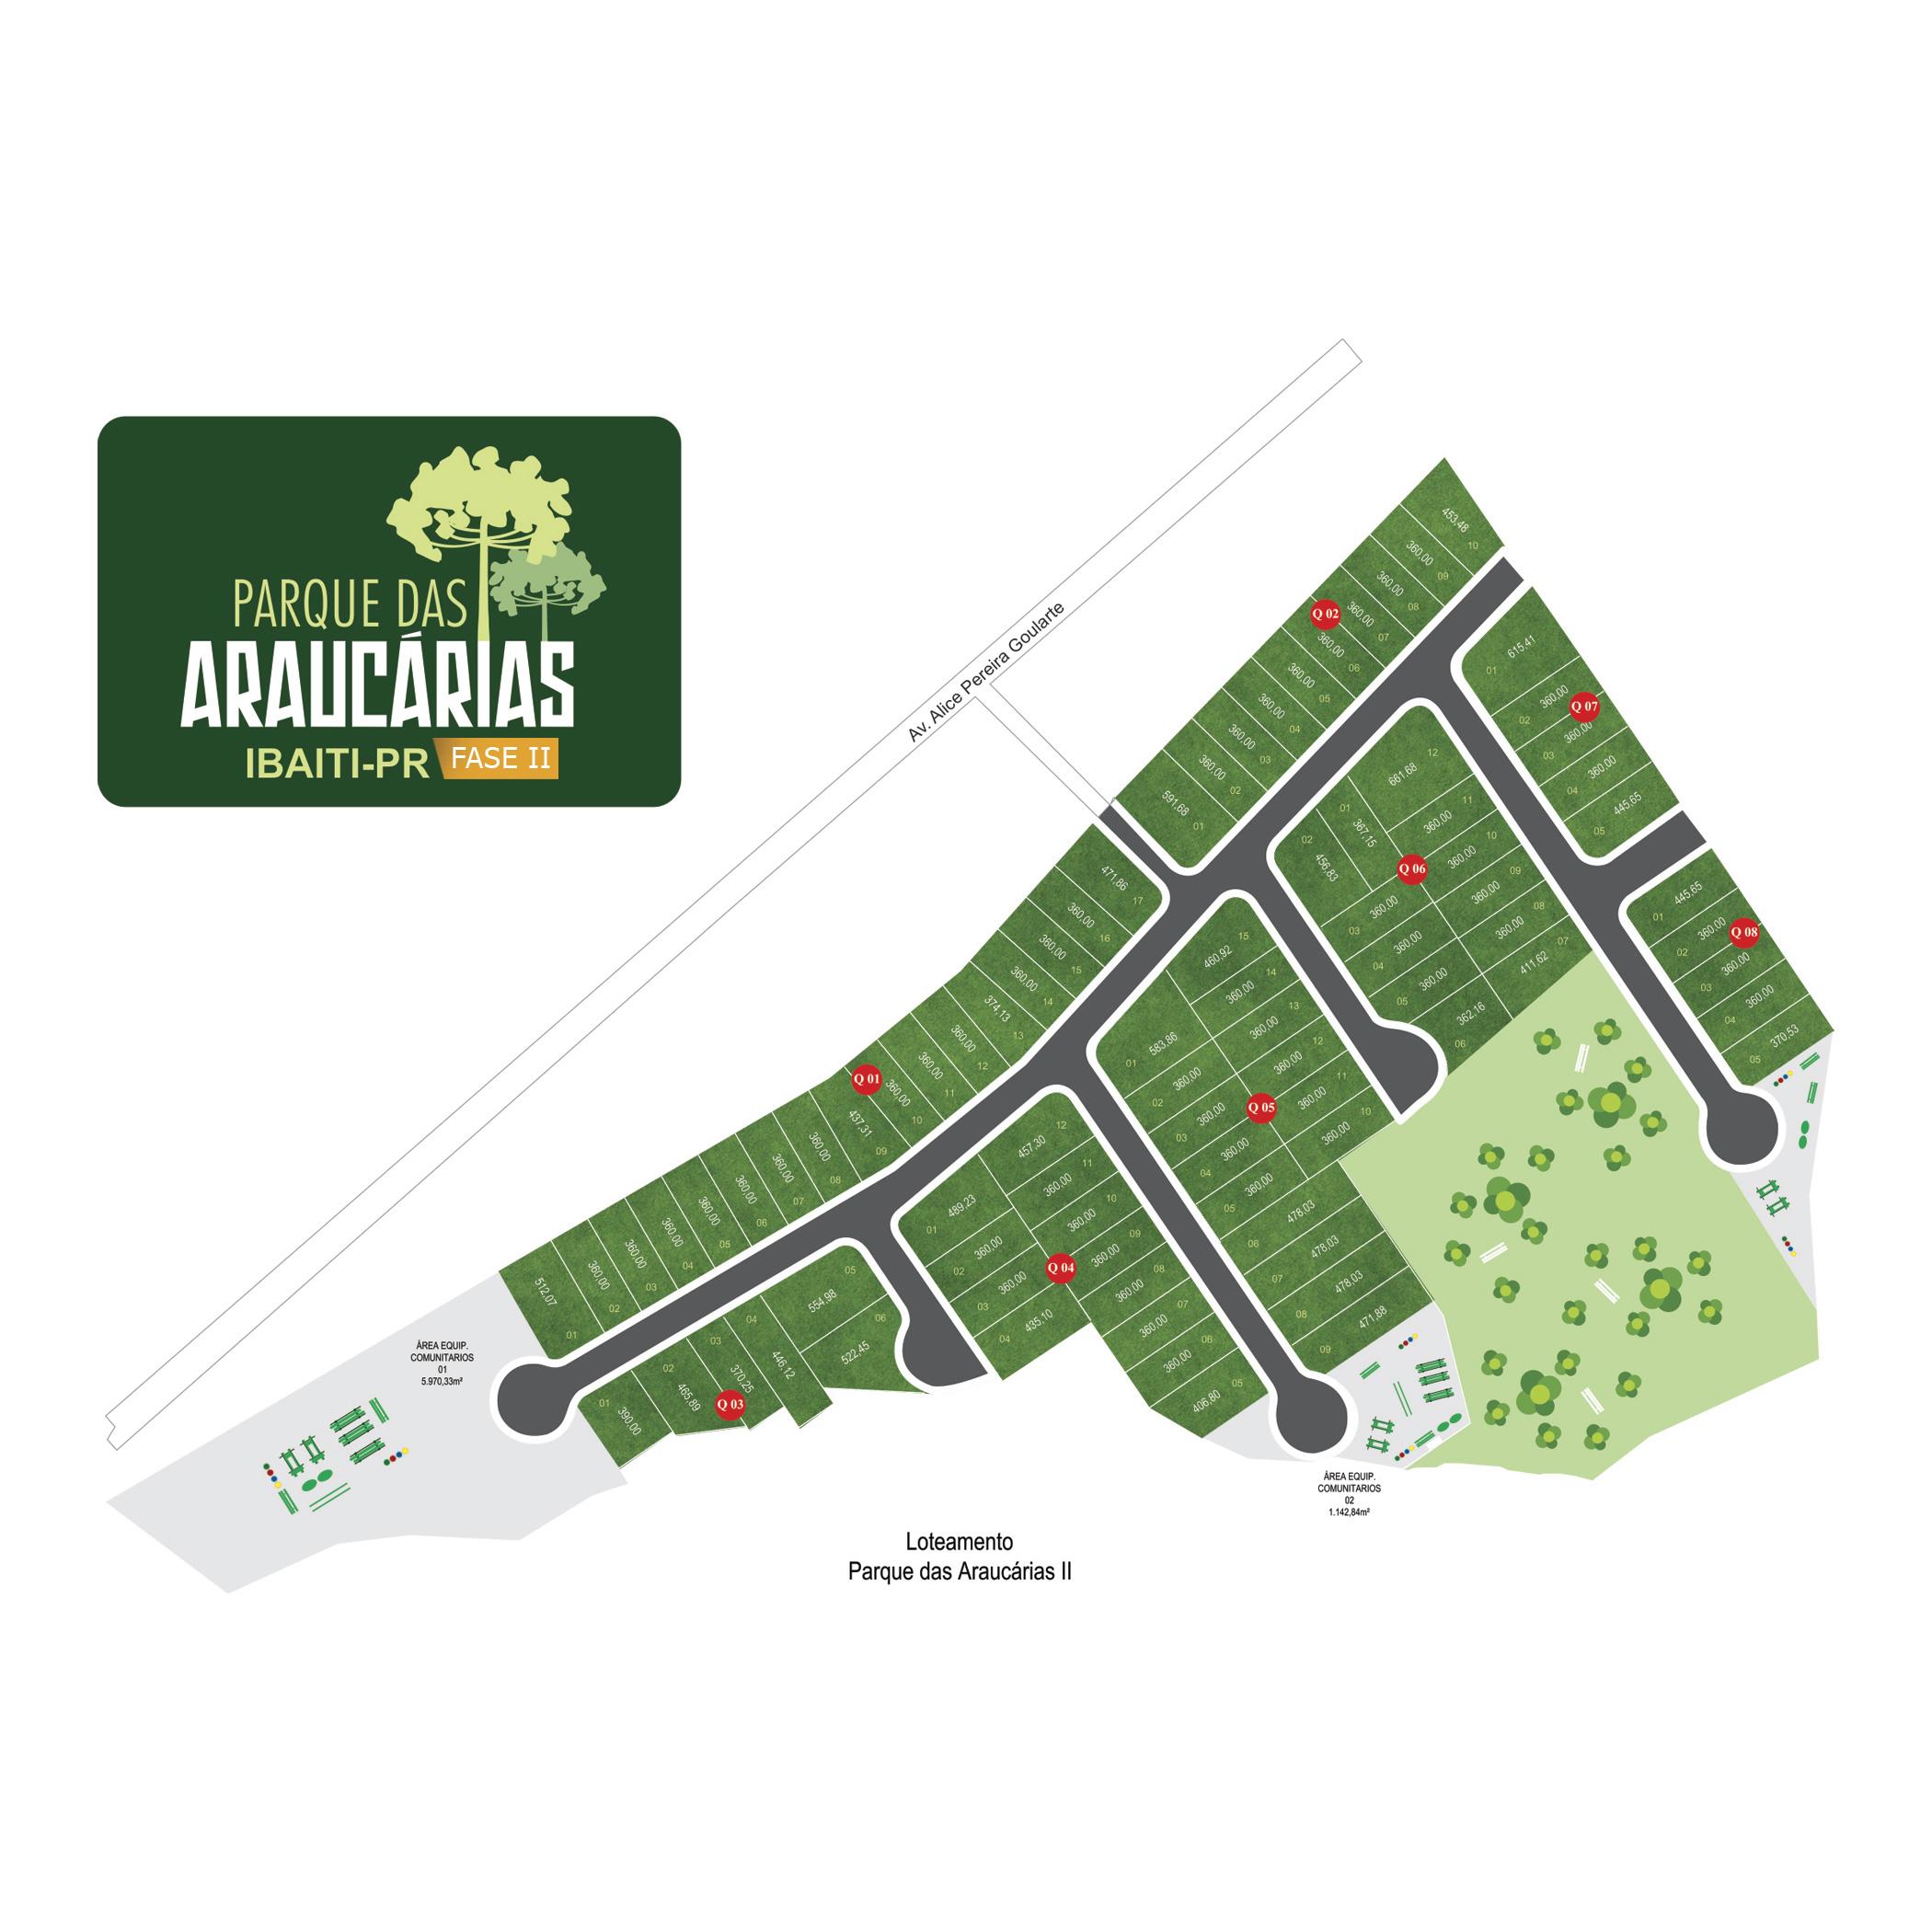 Parque das Araucárias III